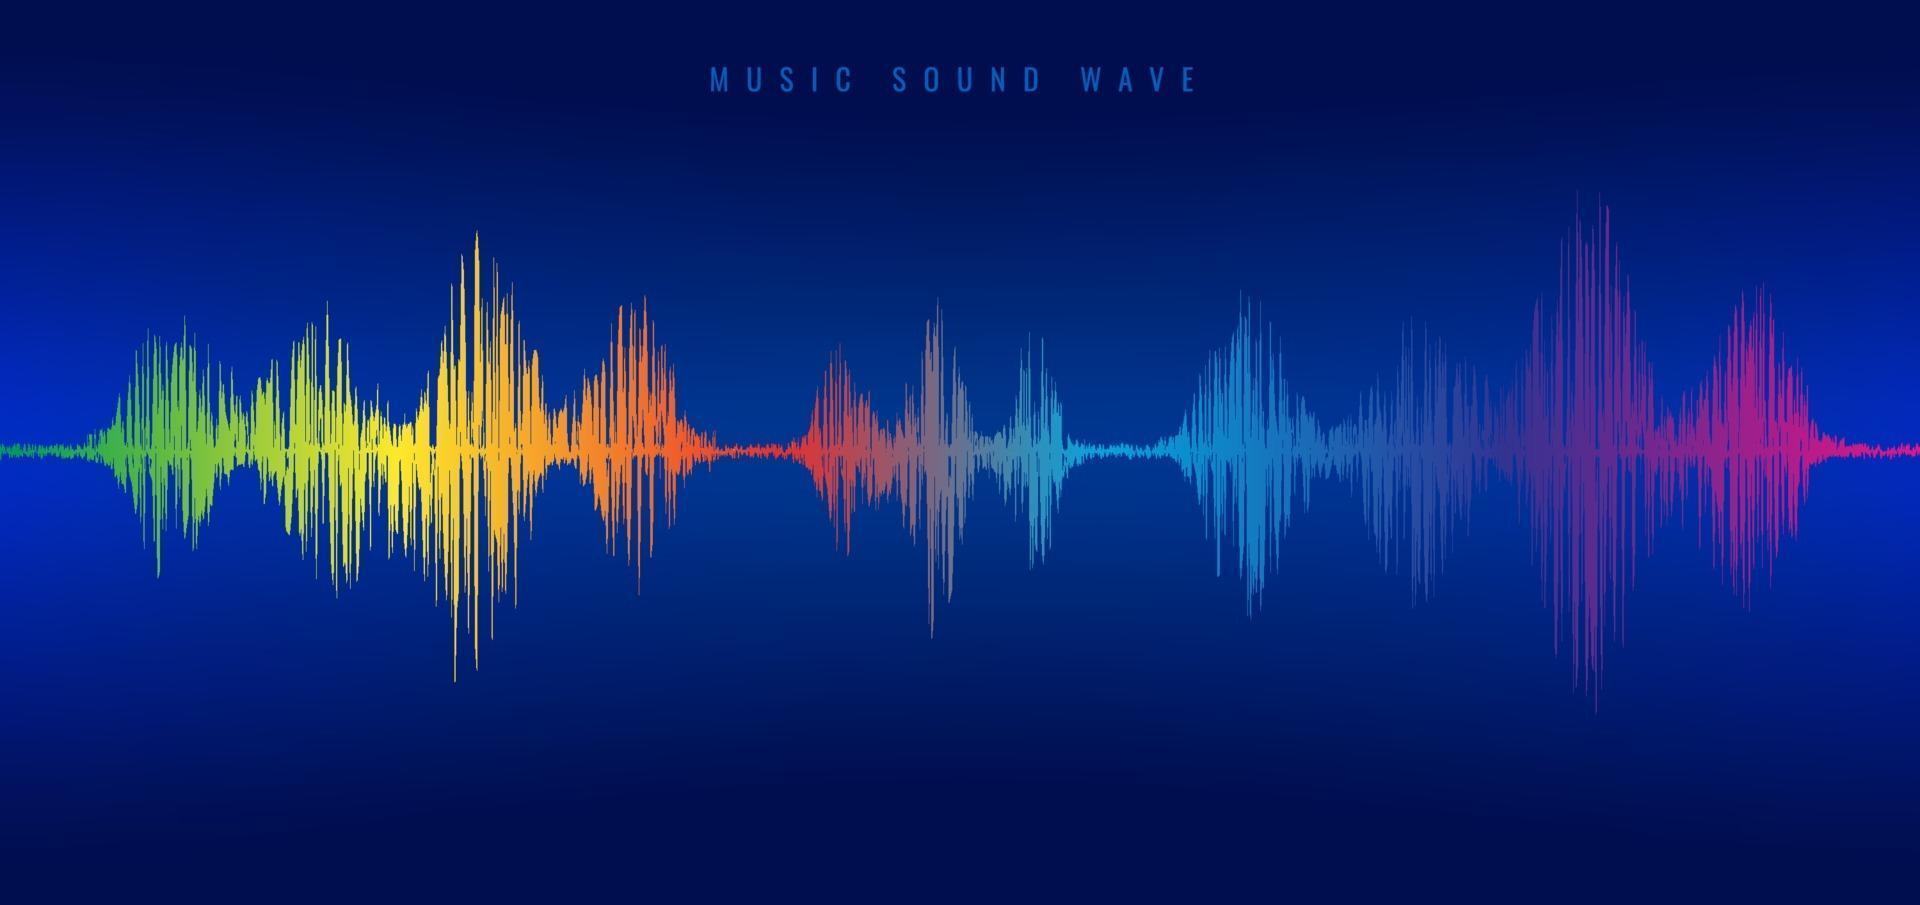 regnbågsmusik ljudvåg linjeutjämnare på blå bakgrund. vektor